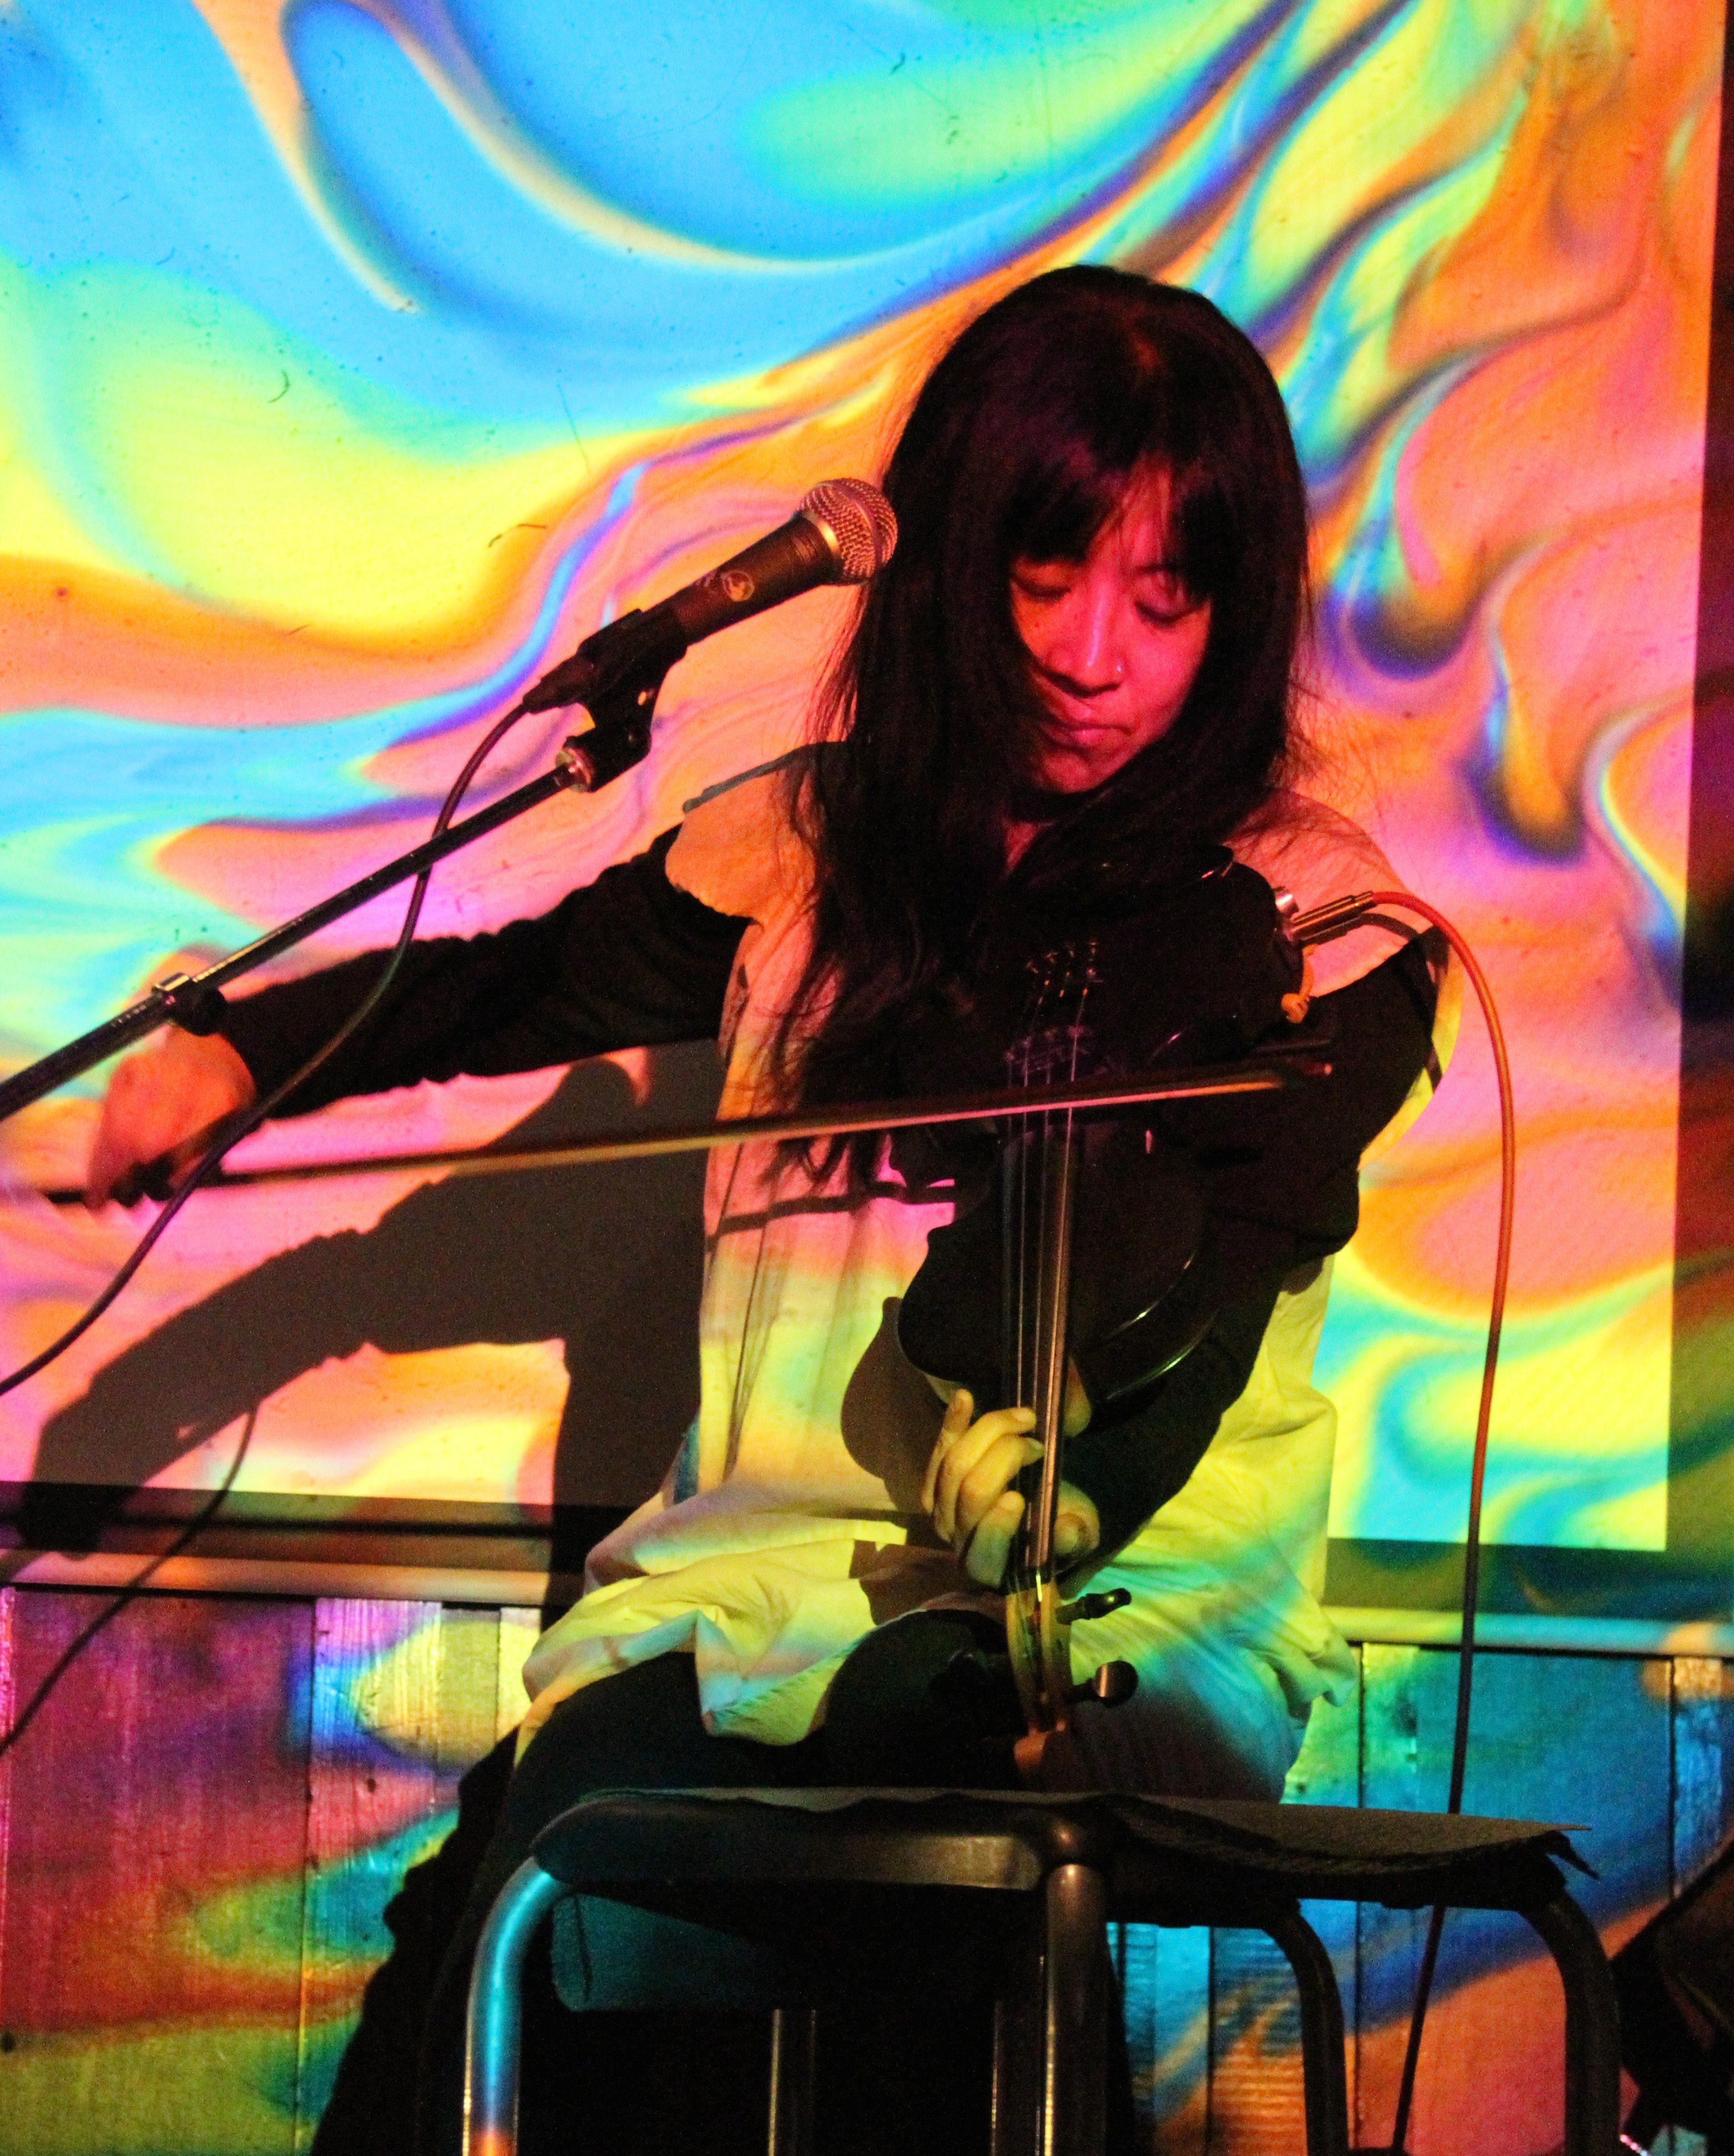 Yuki Kaneko